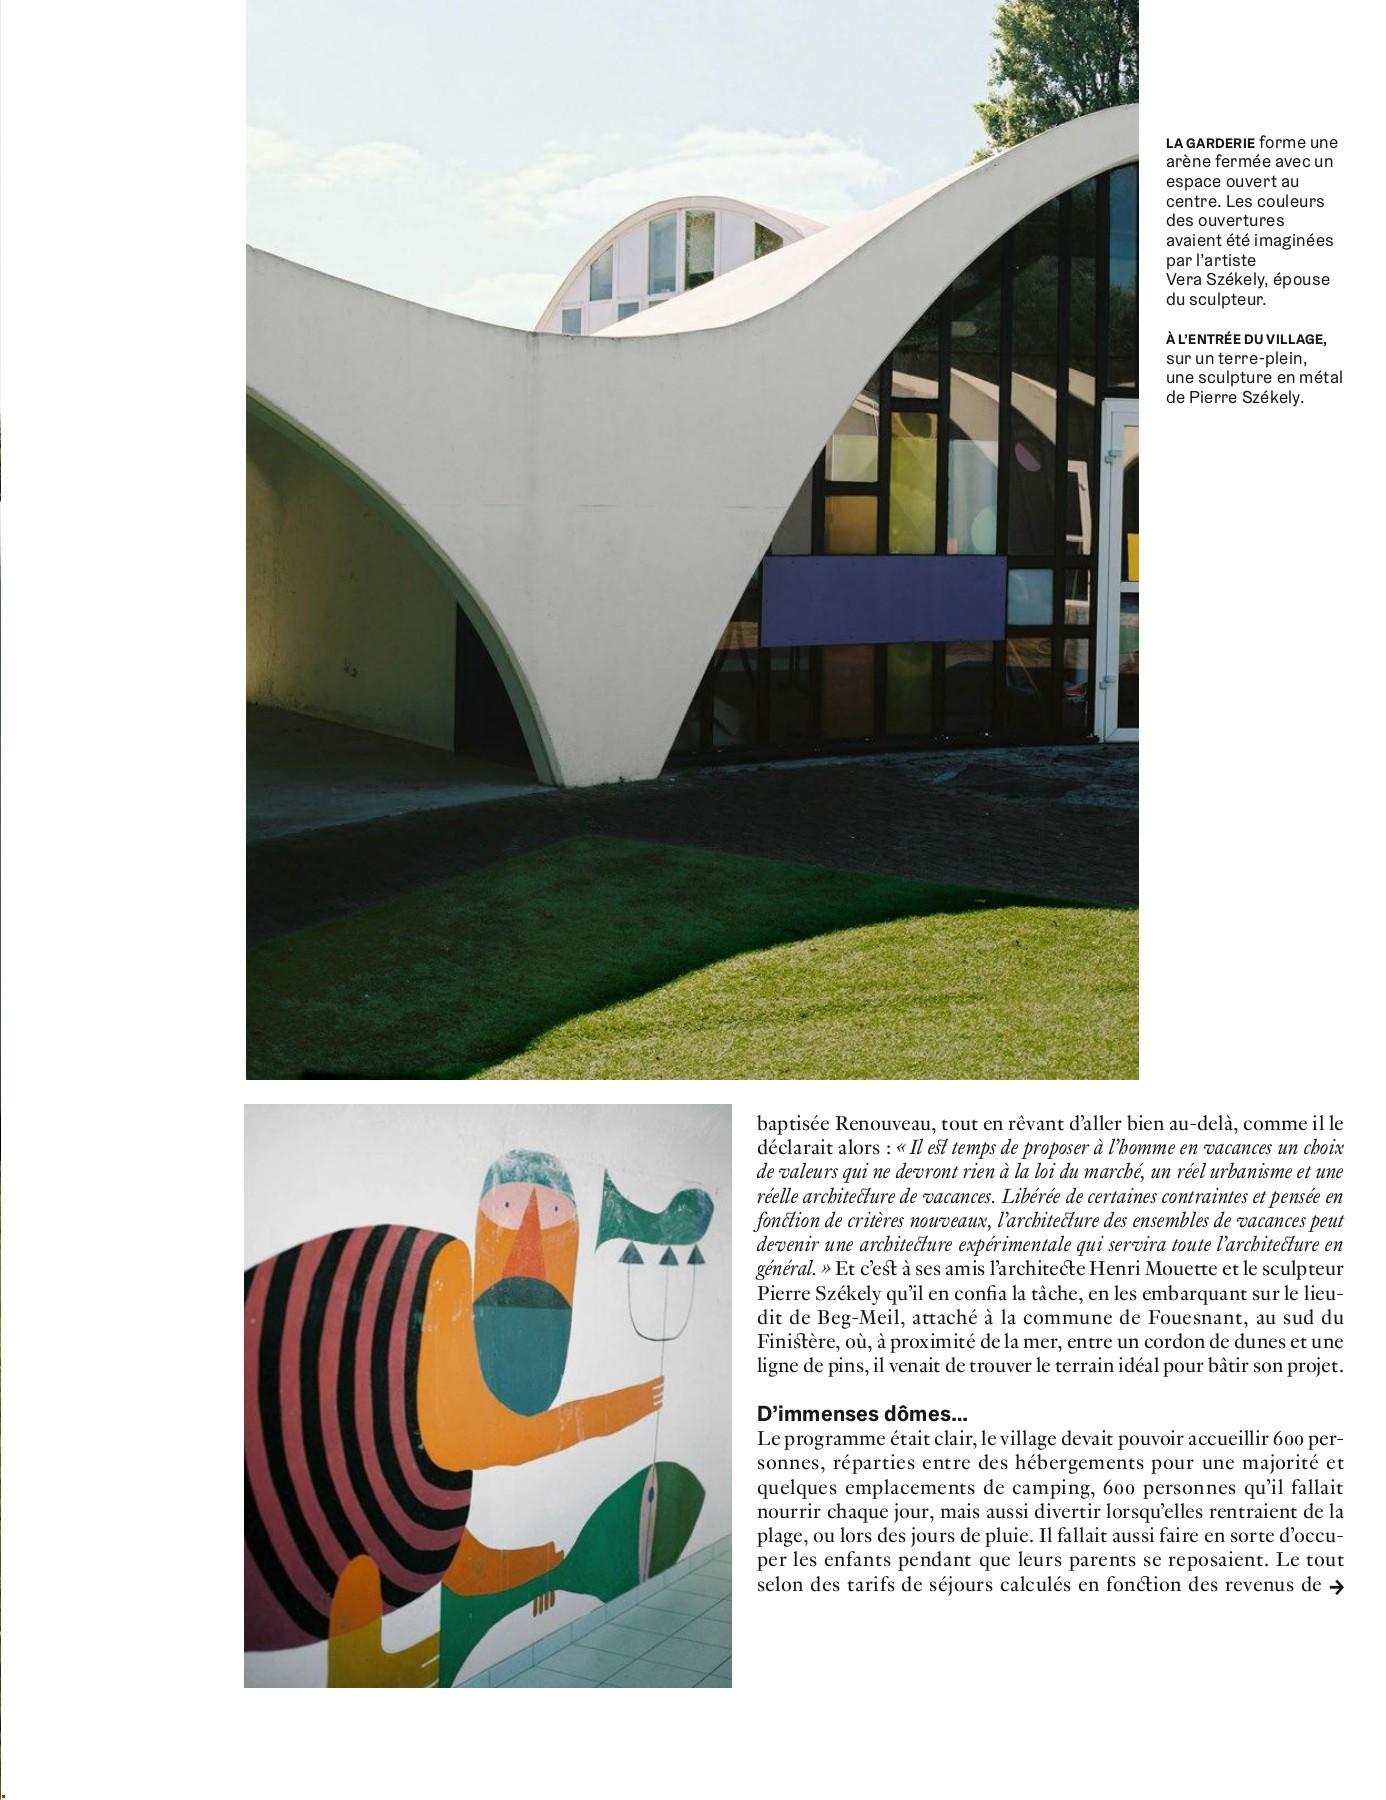 Prix Cheminee Exterieur Feu Chic Design architectural digest france_sepoct 2019-flip book pages 101